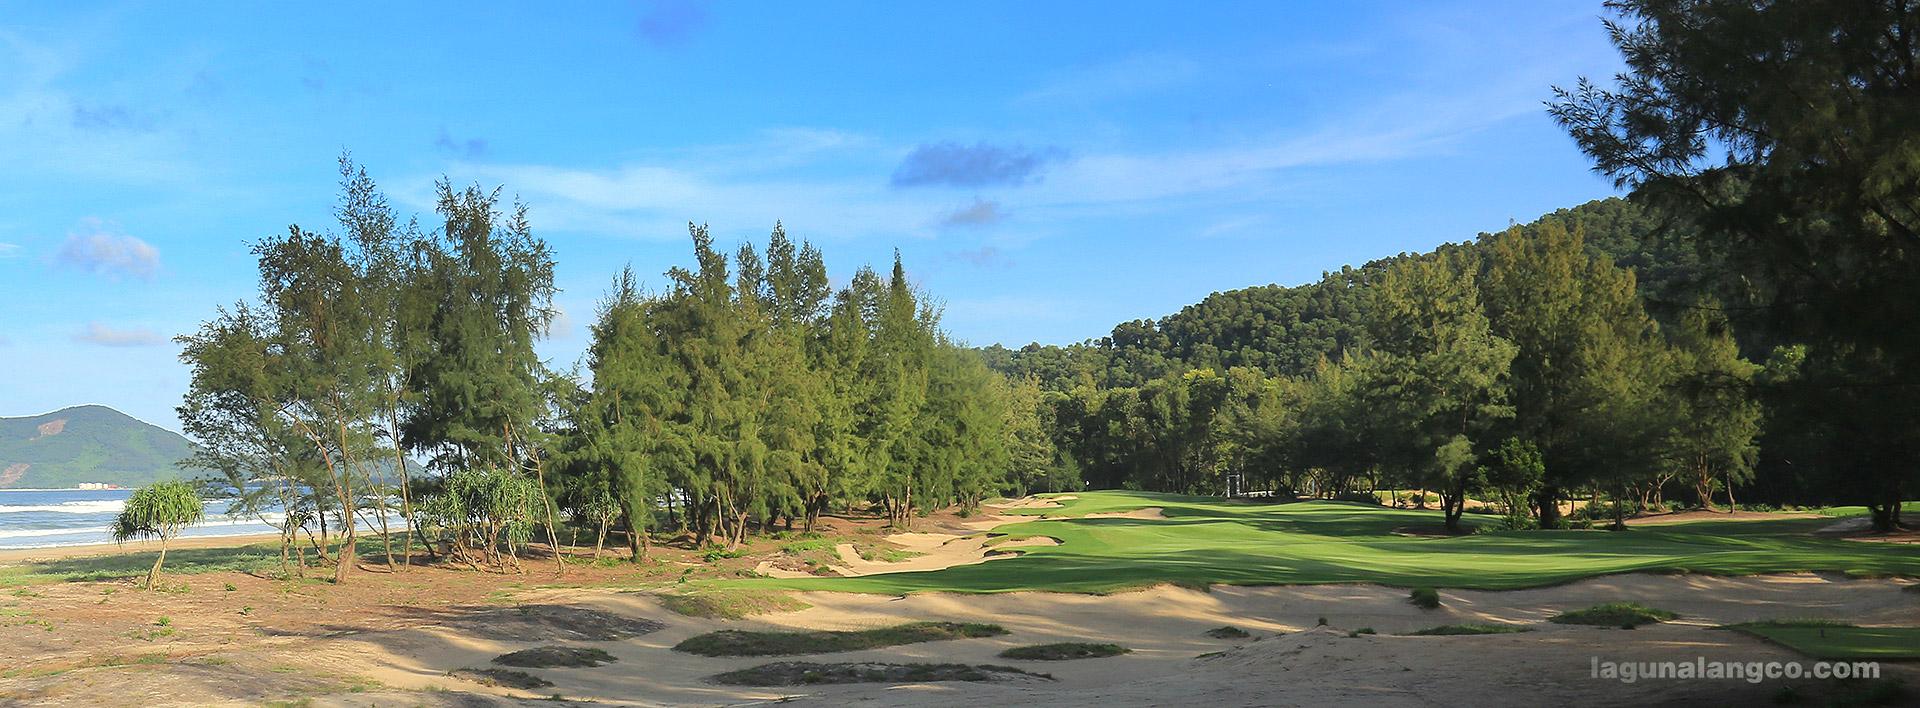 Hố số 9, sân gôn Laguna Golf Lăng Cô